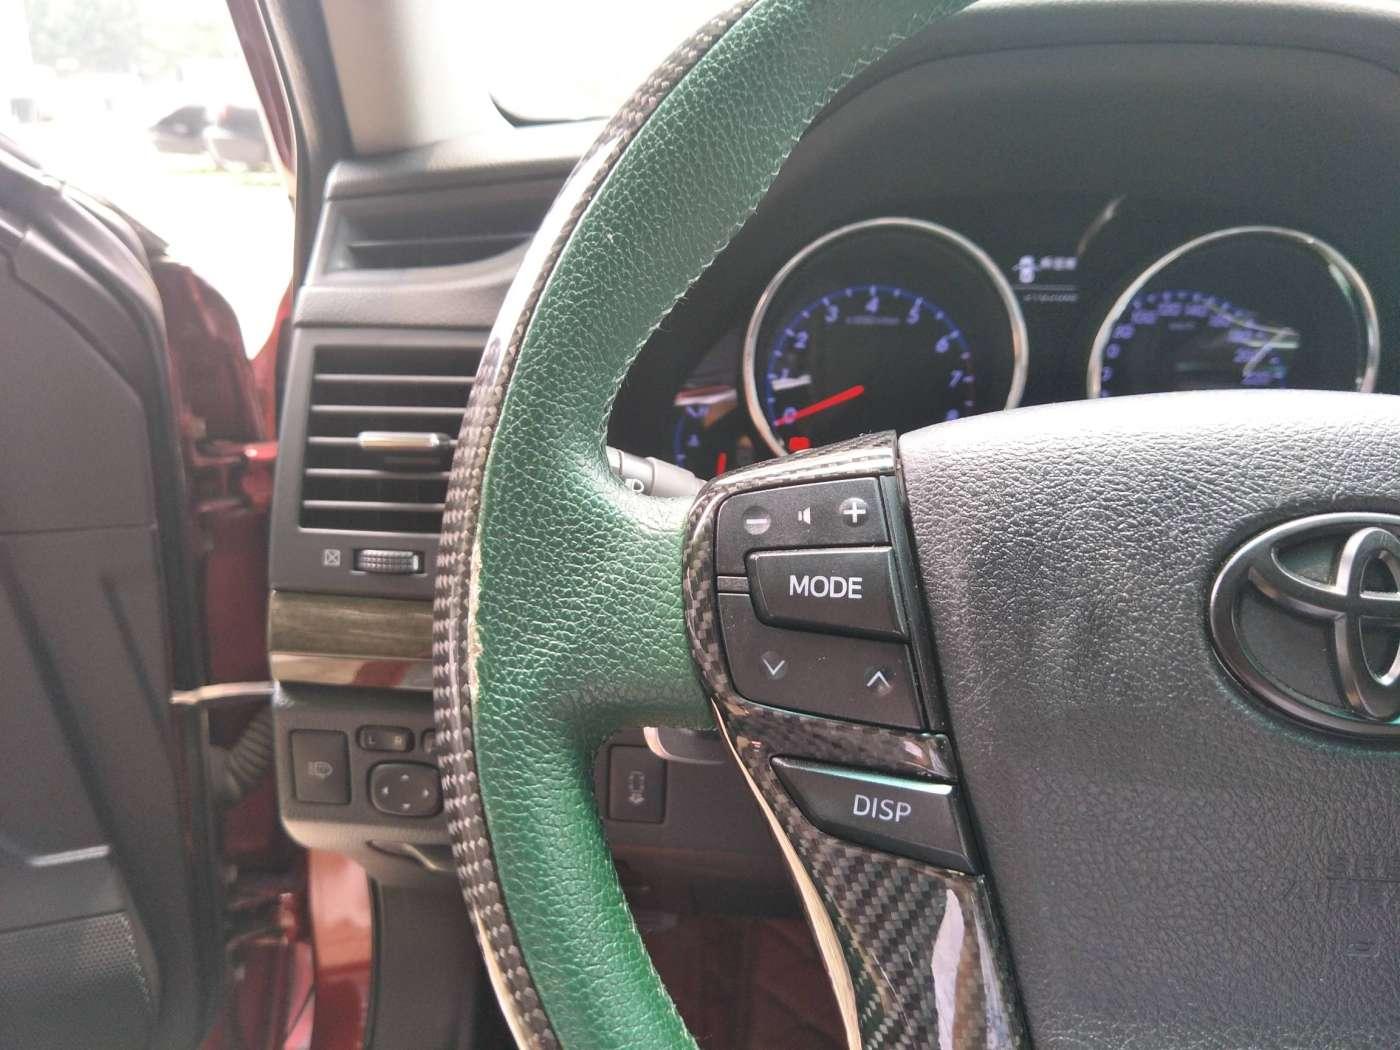 2014年12月 丰田 锐志 2013款 3.0V 尊锐导航版|甄选丰田-北京卡斯基汽车服务有限公司